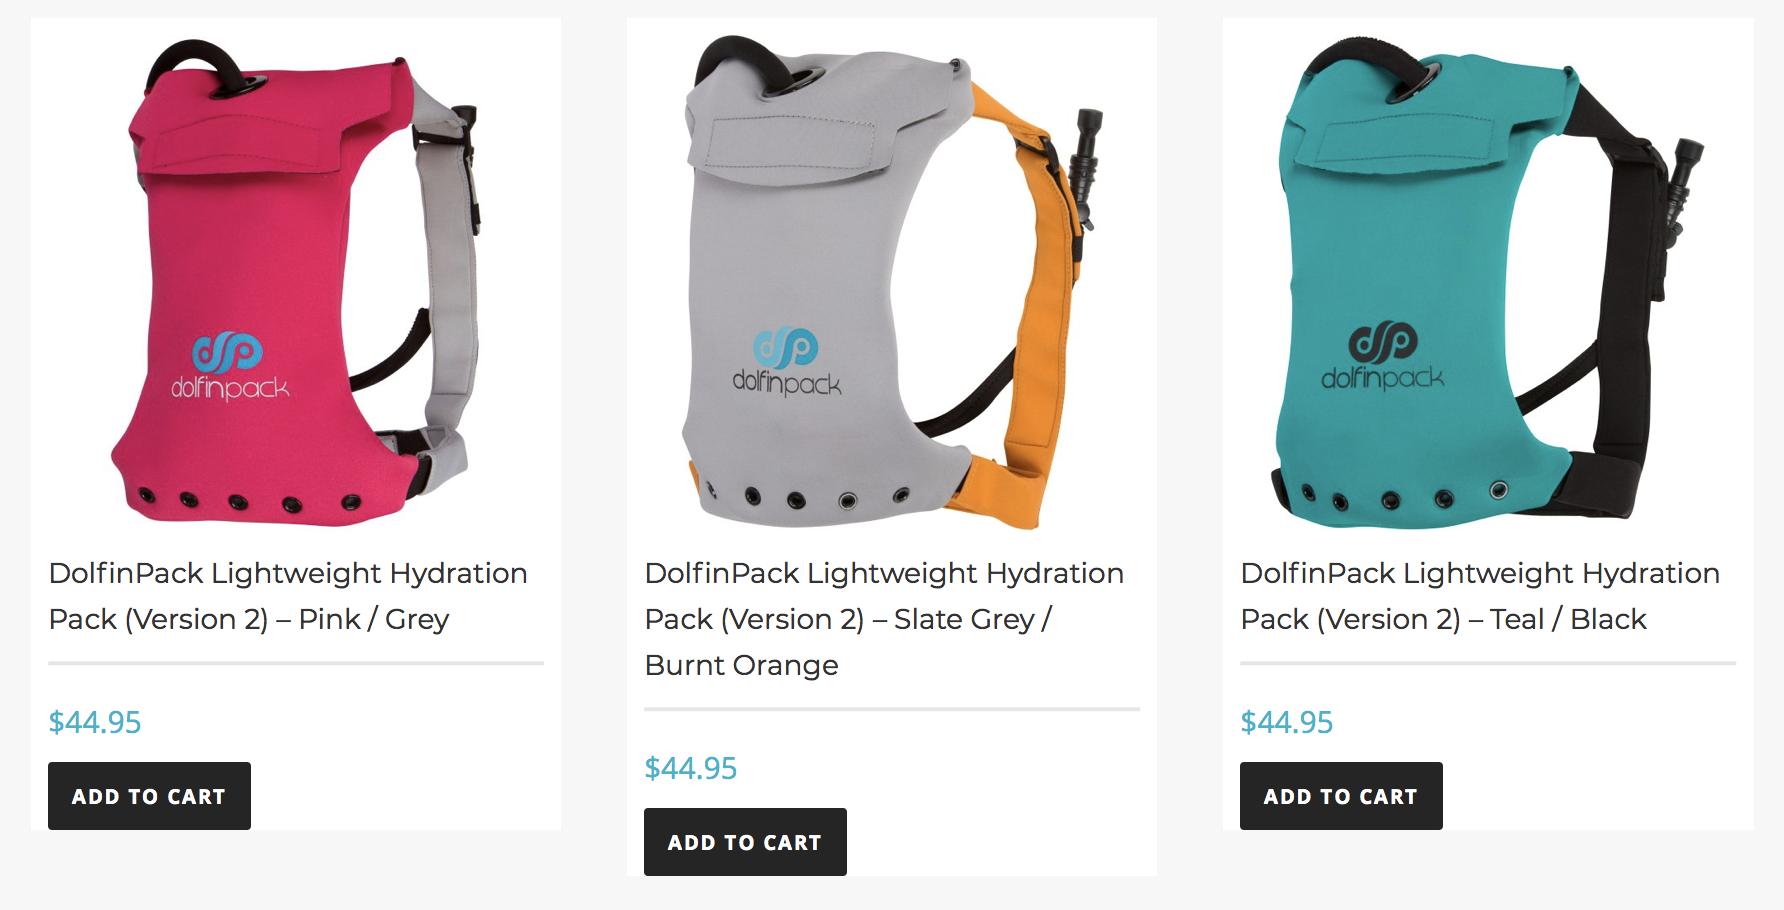 Dolfinpack Hydration packs